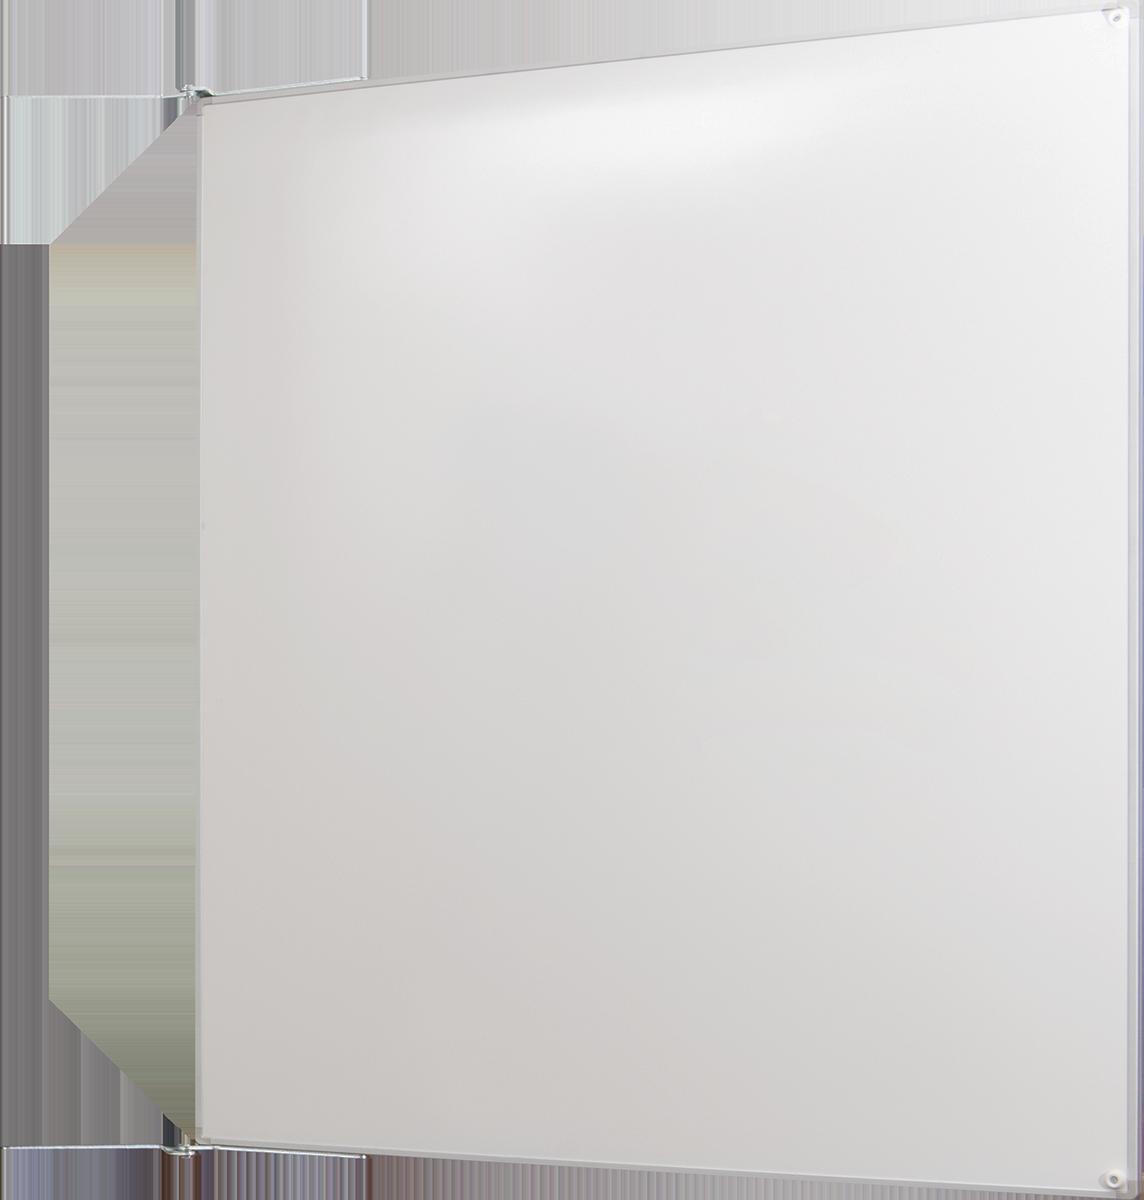 Tafel-Seitenflügel